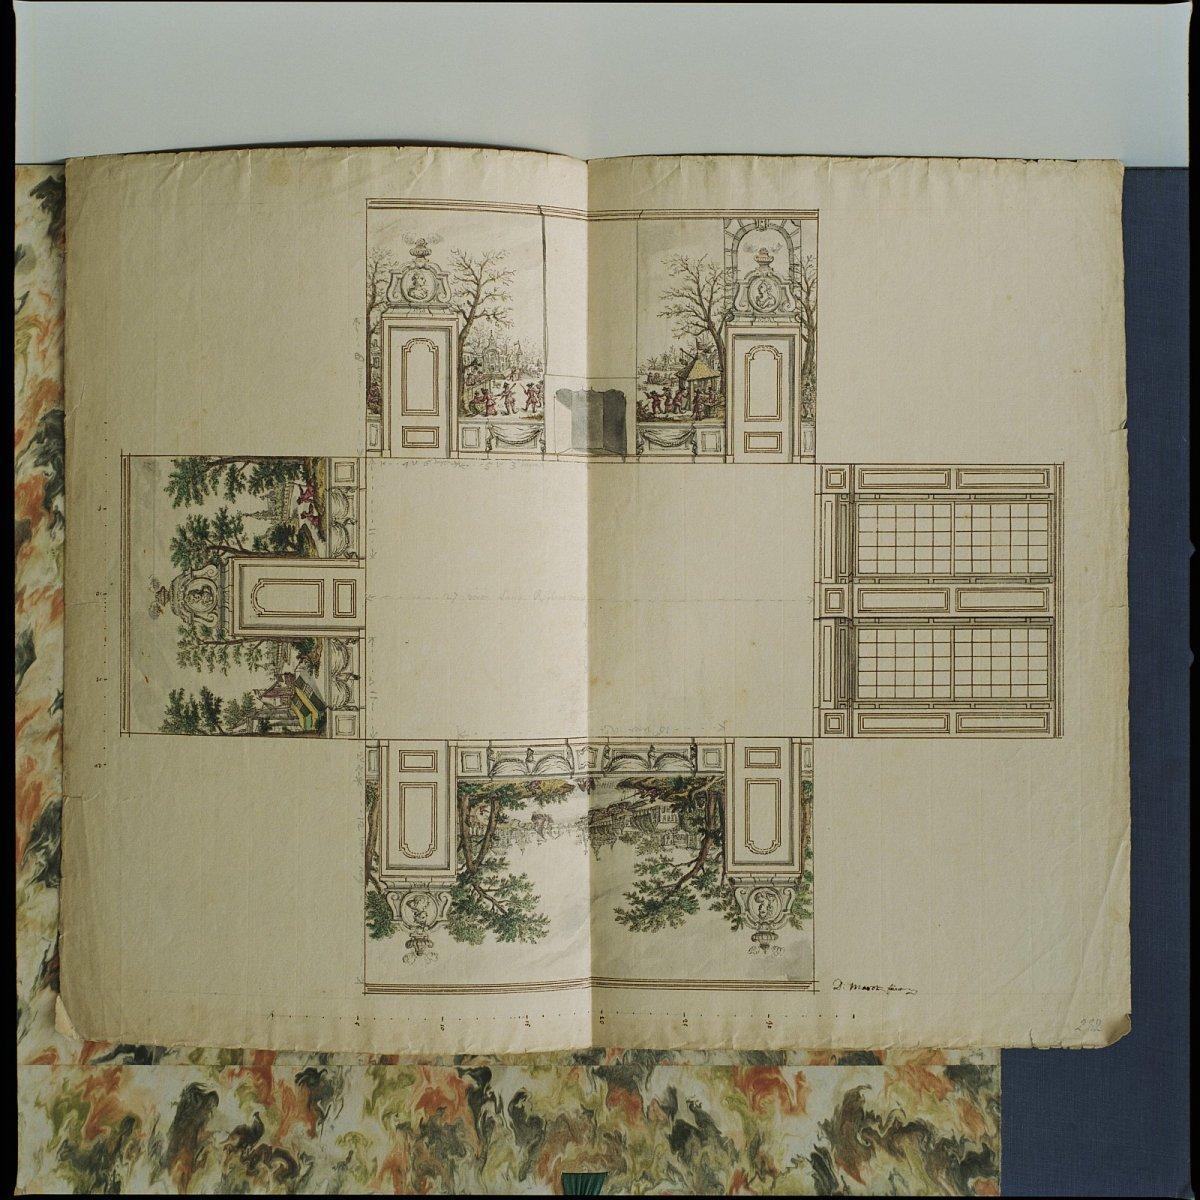 File kleuren tekening ontwerp voor een beschilderde kamer circa 1760 door daniel marot jr for Kleuridee voor volwassen kamer